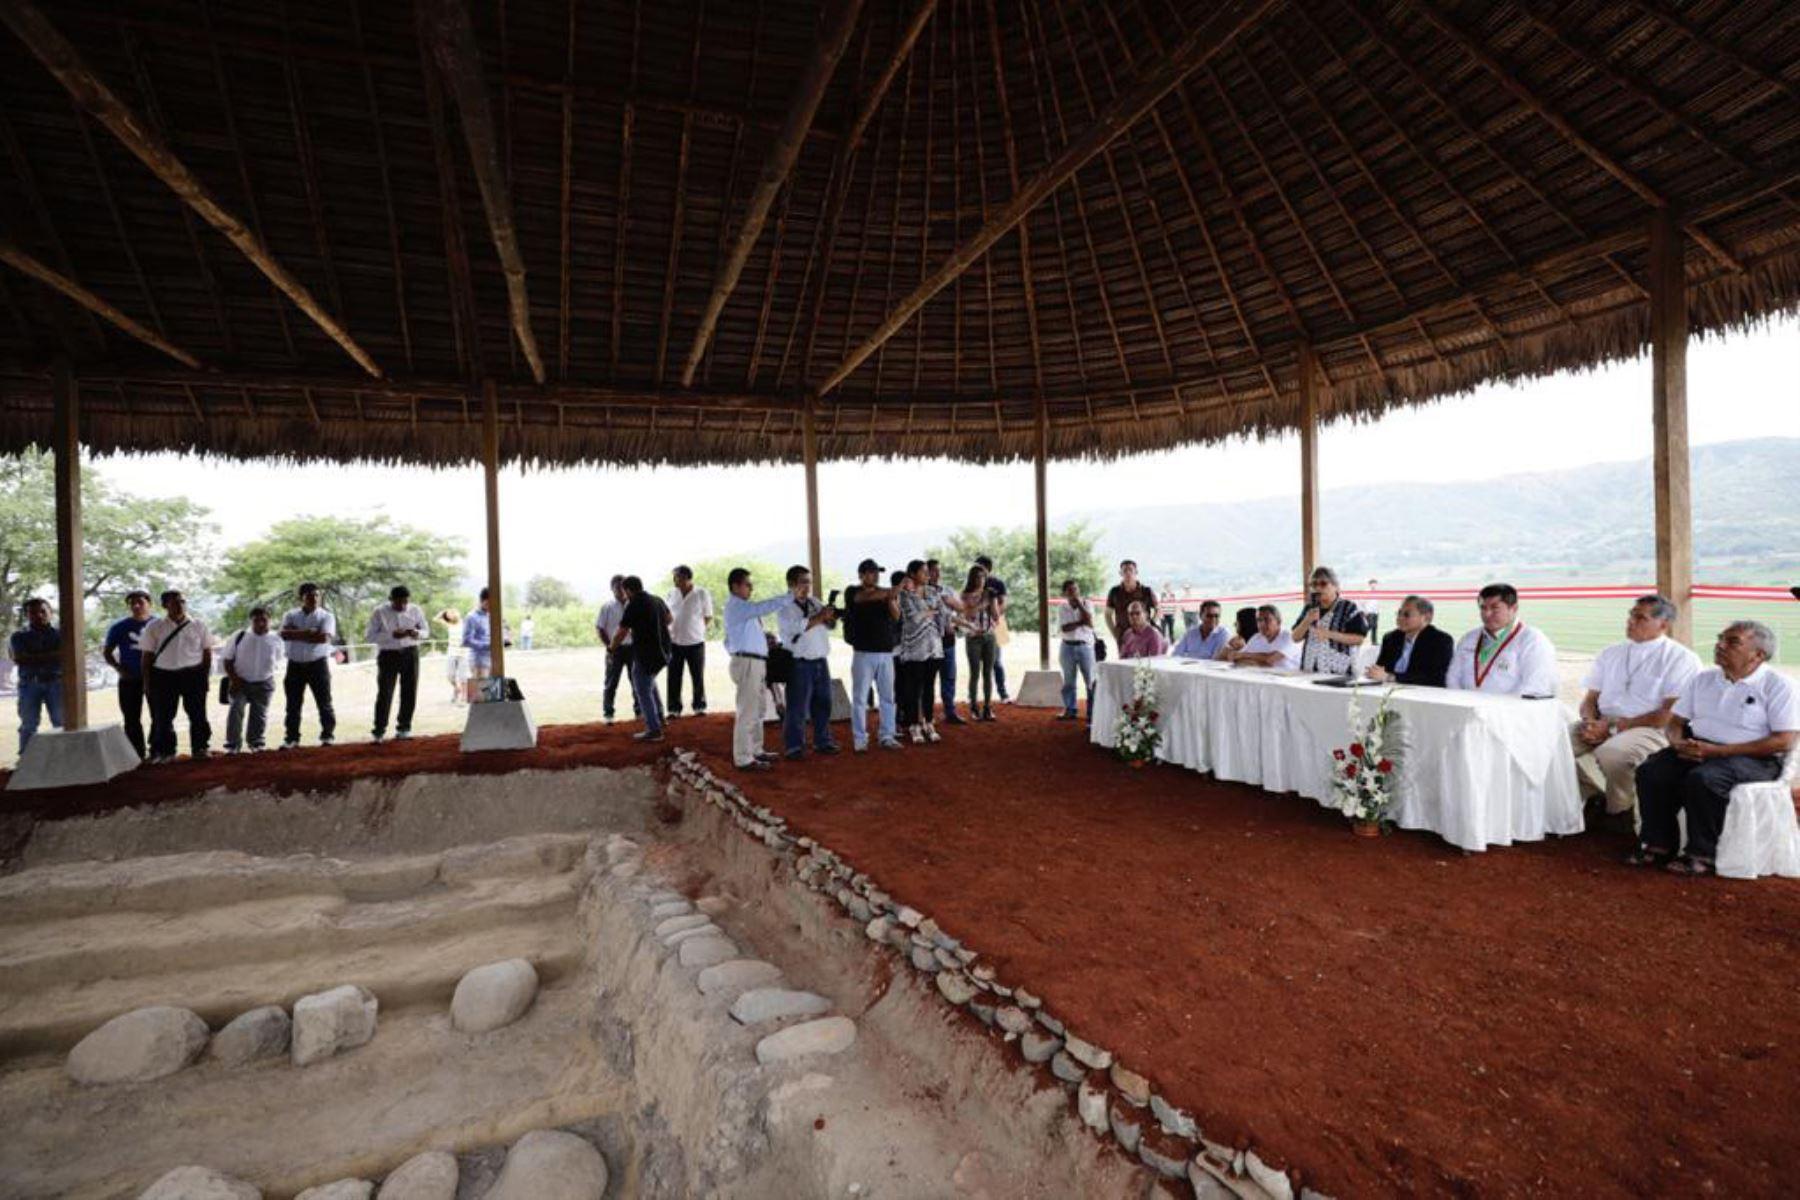 La ministra de Cultura , SoniaGuillén participa en la inauguración de la cubierta tipo maloca en el Templo Arqueológico Montegrande en Jaén, Cajamarca, y suscribe el convenio interinstitucional para continuar con las investigaciones arqueológicas en la zona. Foto: Difusión Mincul